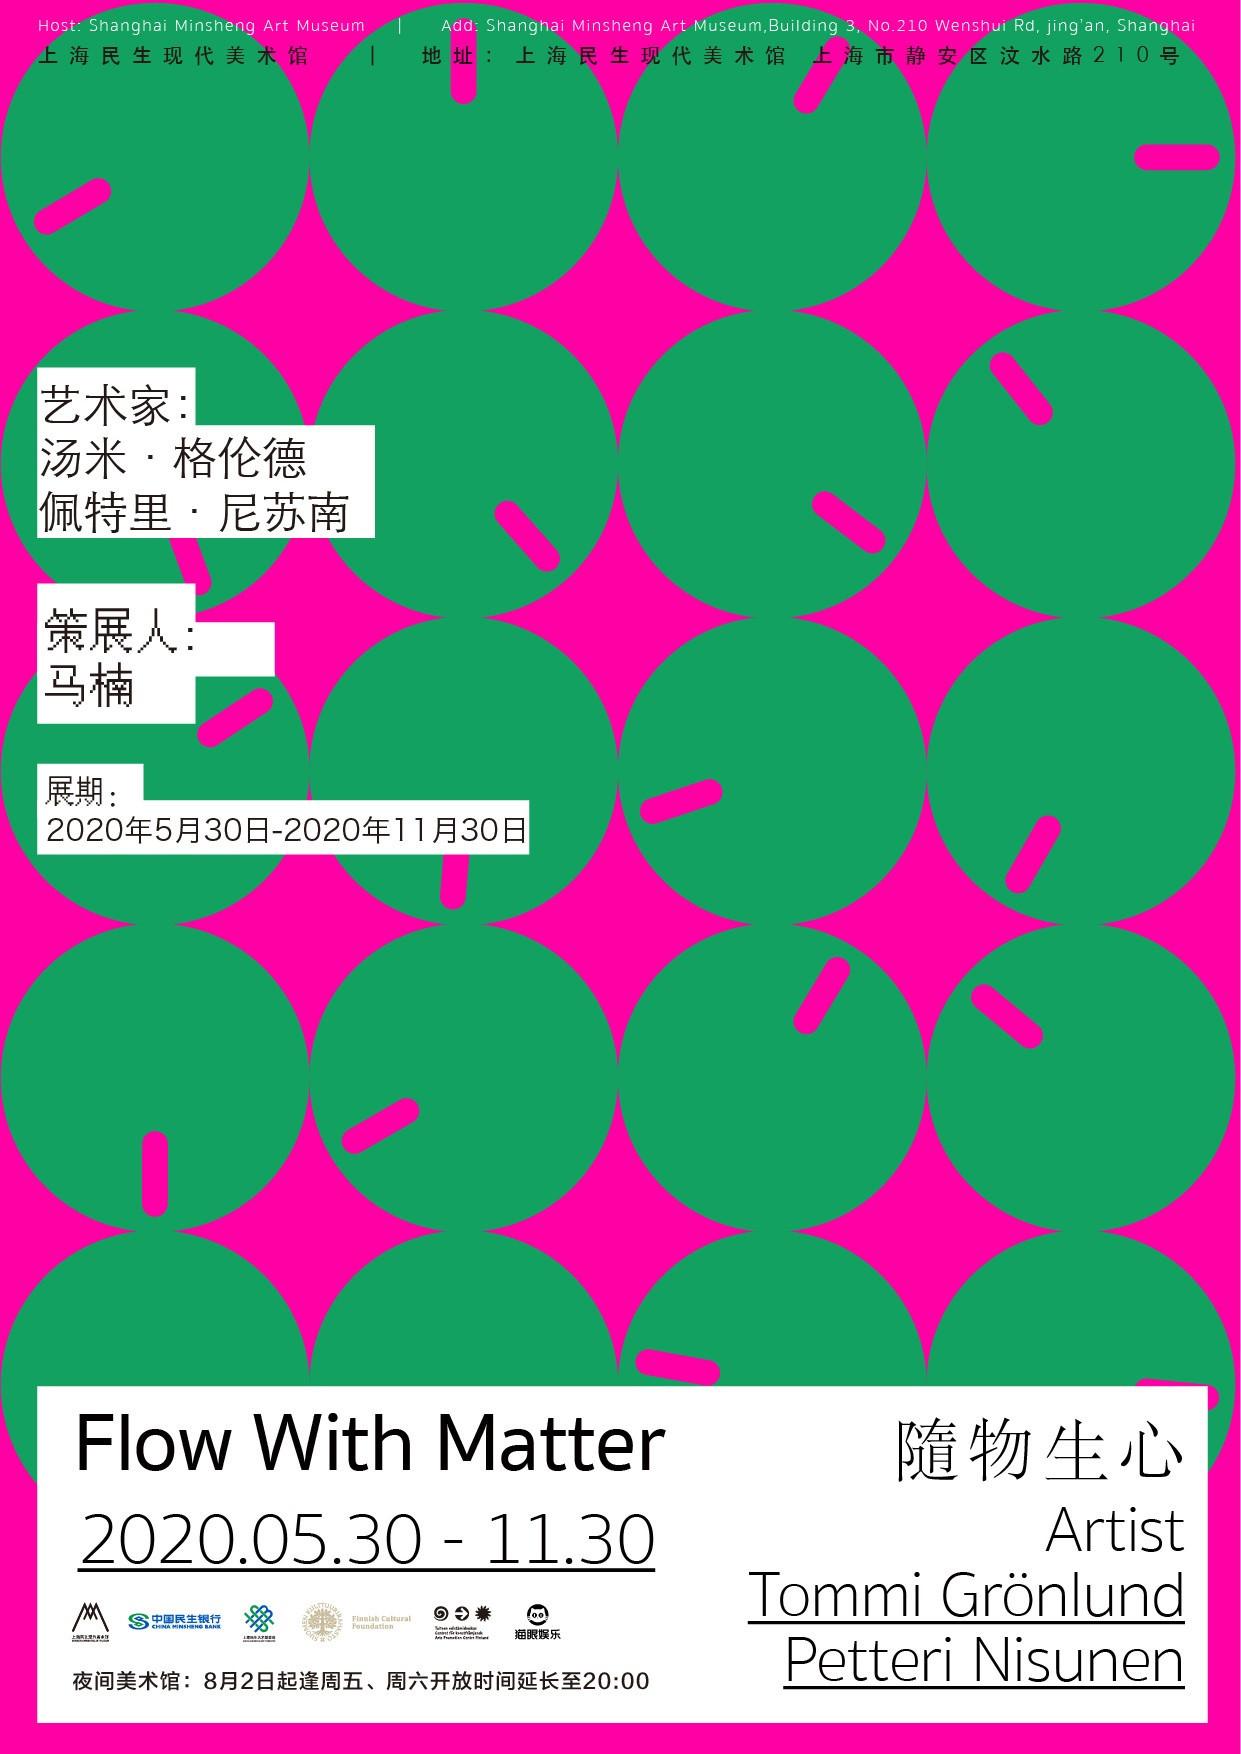 随物生心  Flow with Matter